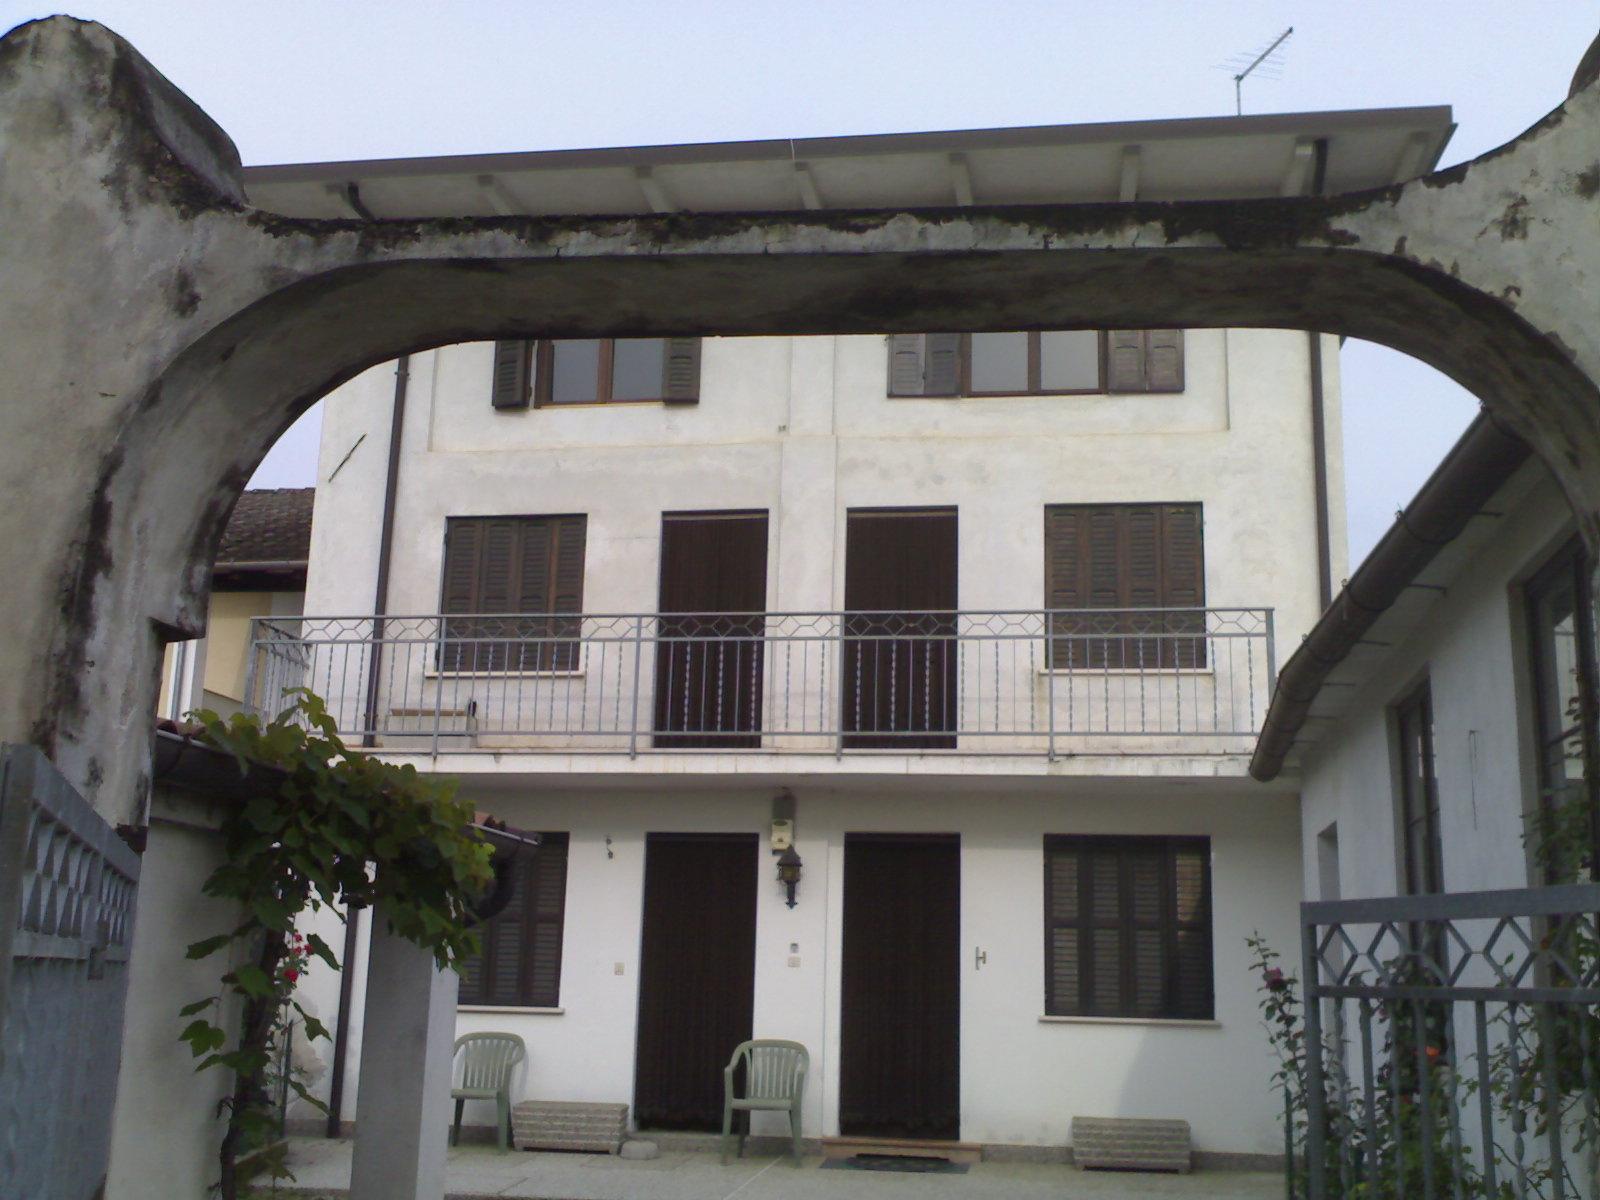 Vendita villa spilimbergo pordenone italia vicolo - Agenzie immobiliari spilimbergo ...